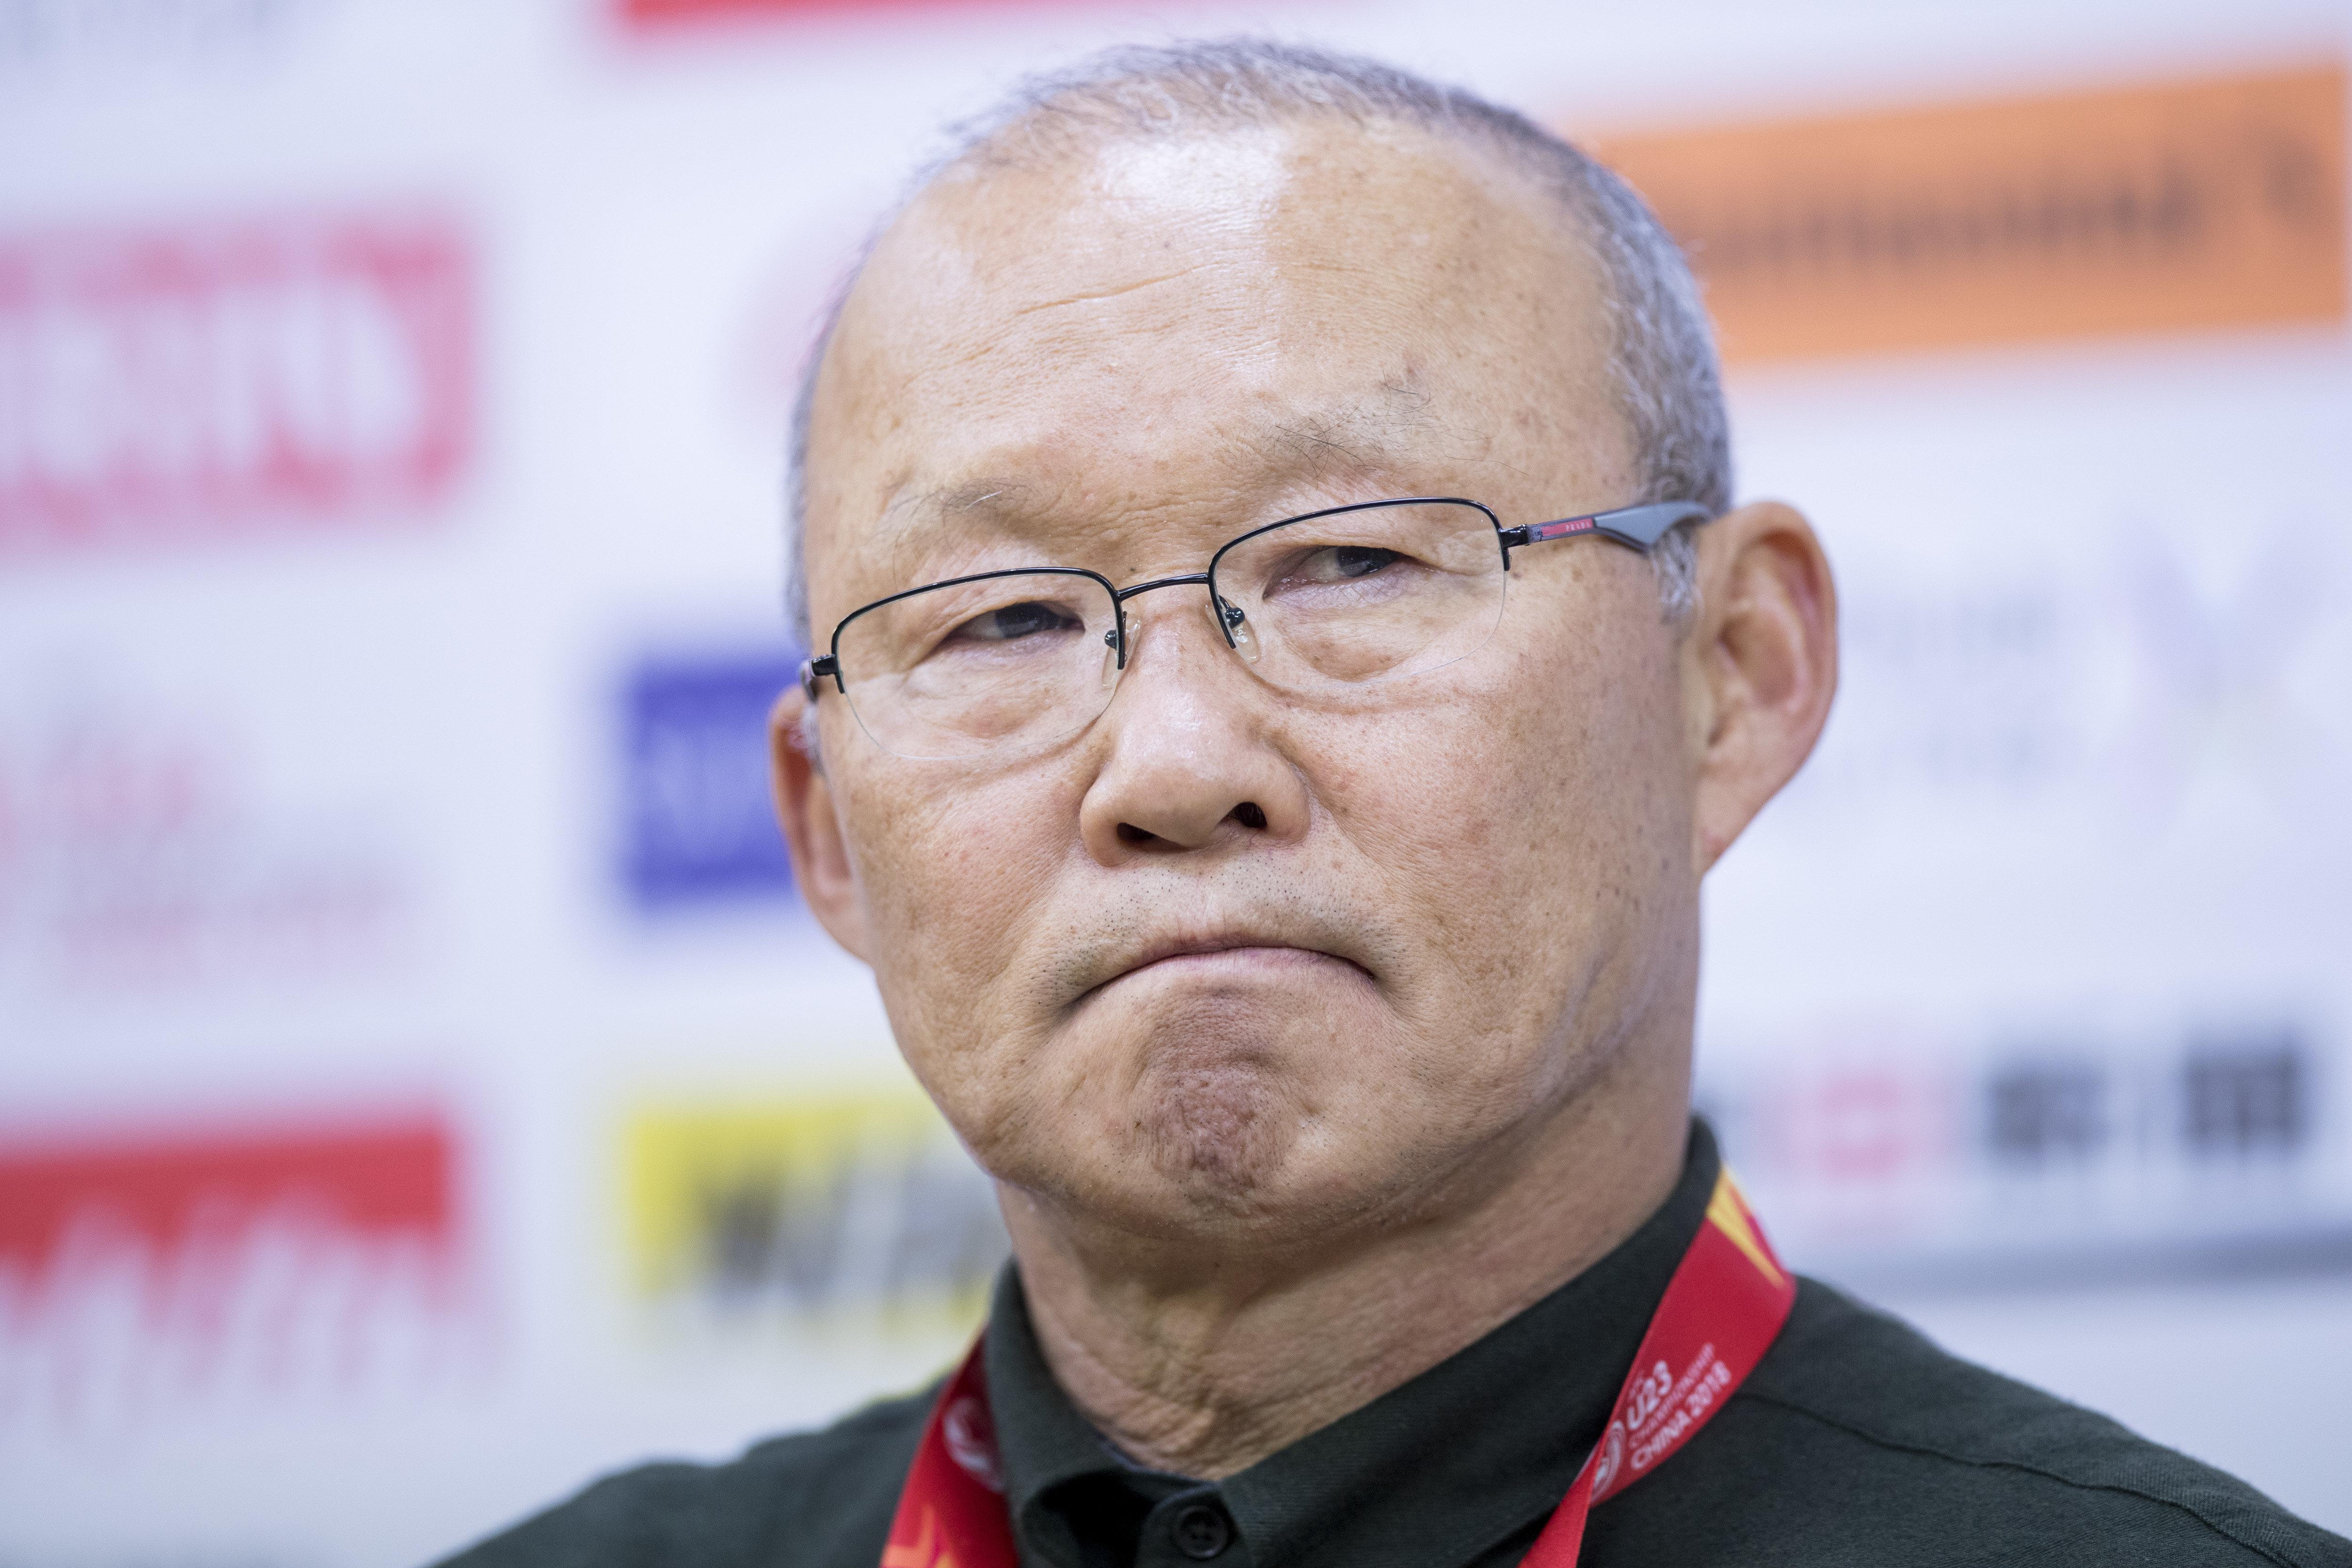 베트남 VS 말레이시아 스즈키컵 결승 1차전이 오늘(11일)